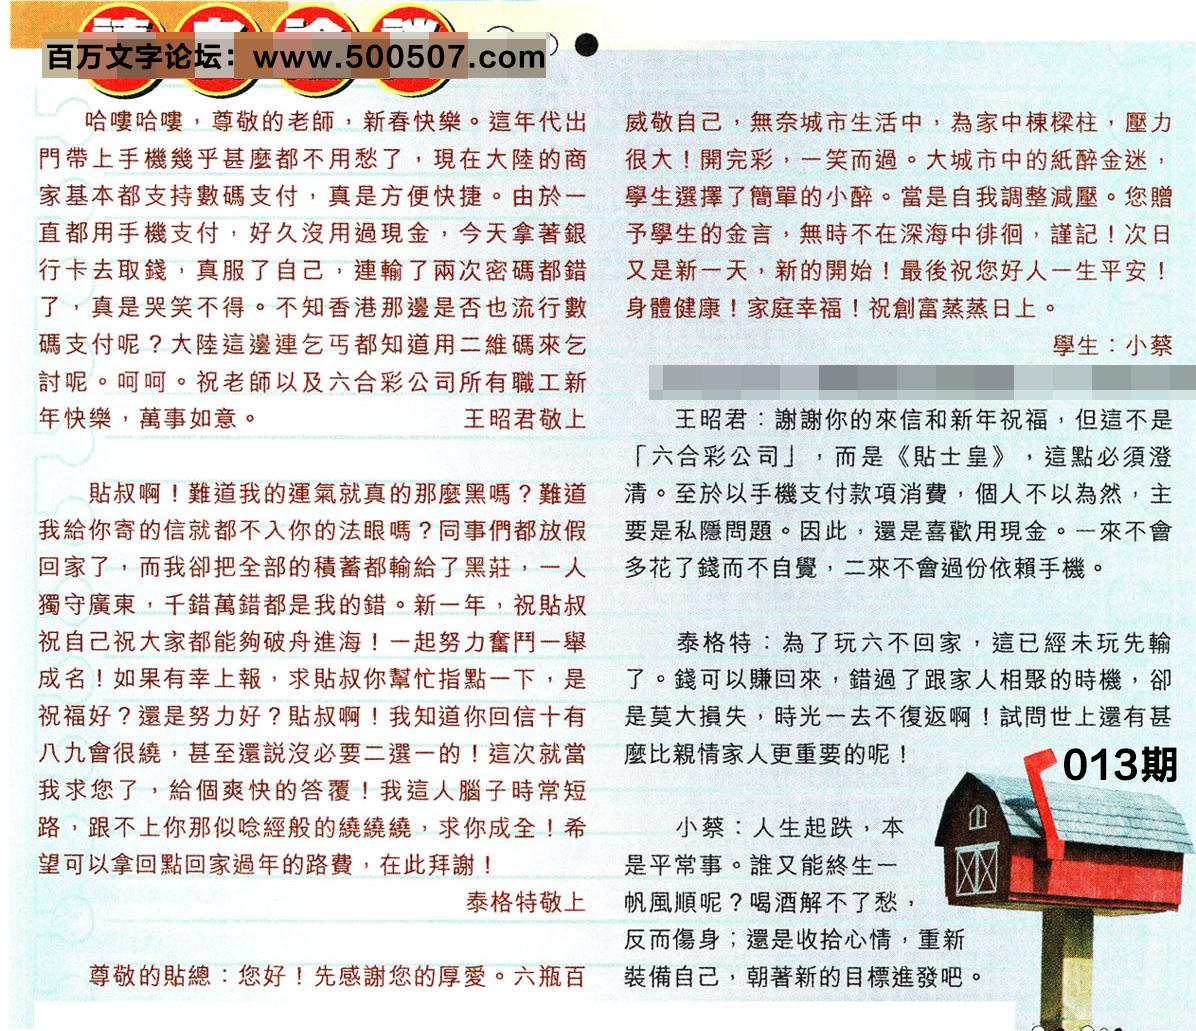 013期:彩民推荐�N信�x者���